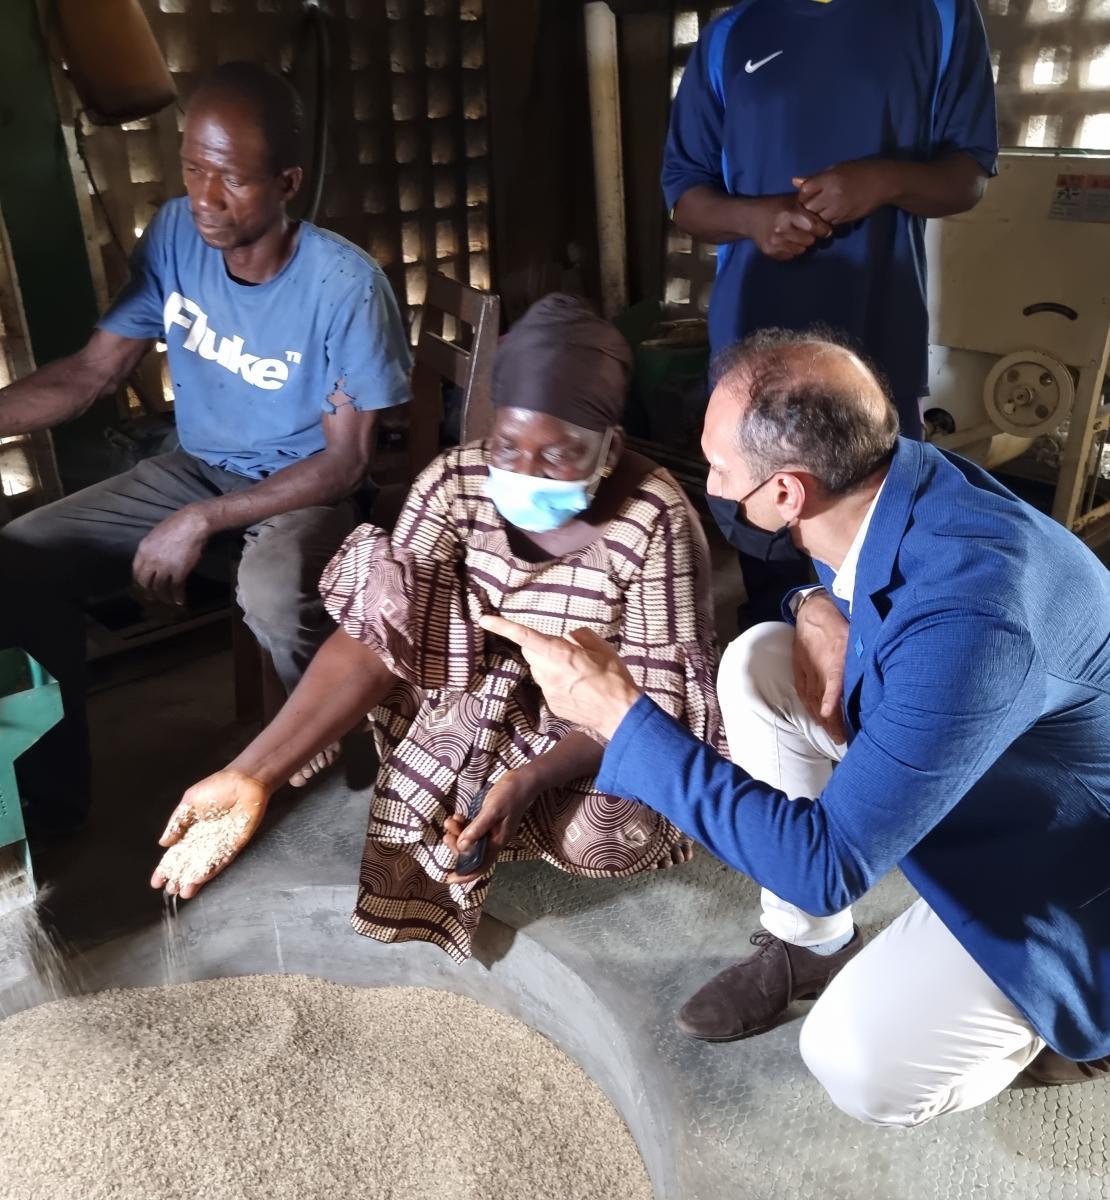 Le Coordonnateur résident Vincent Martin se tient aux côtés d'un leader de la communauté. Tous deux discutent, agenouillés, devant une machine qui déverse des grains dans un grand récipient rond.